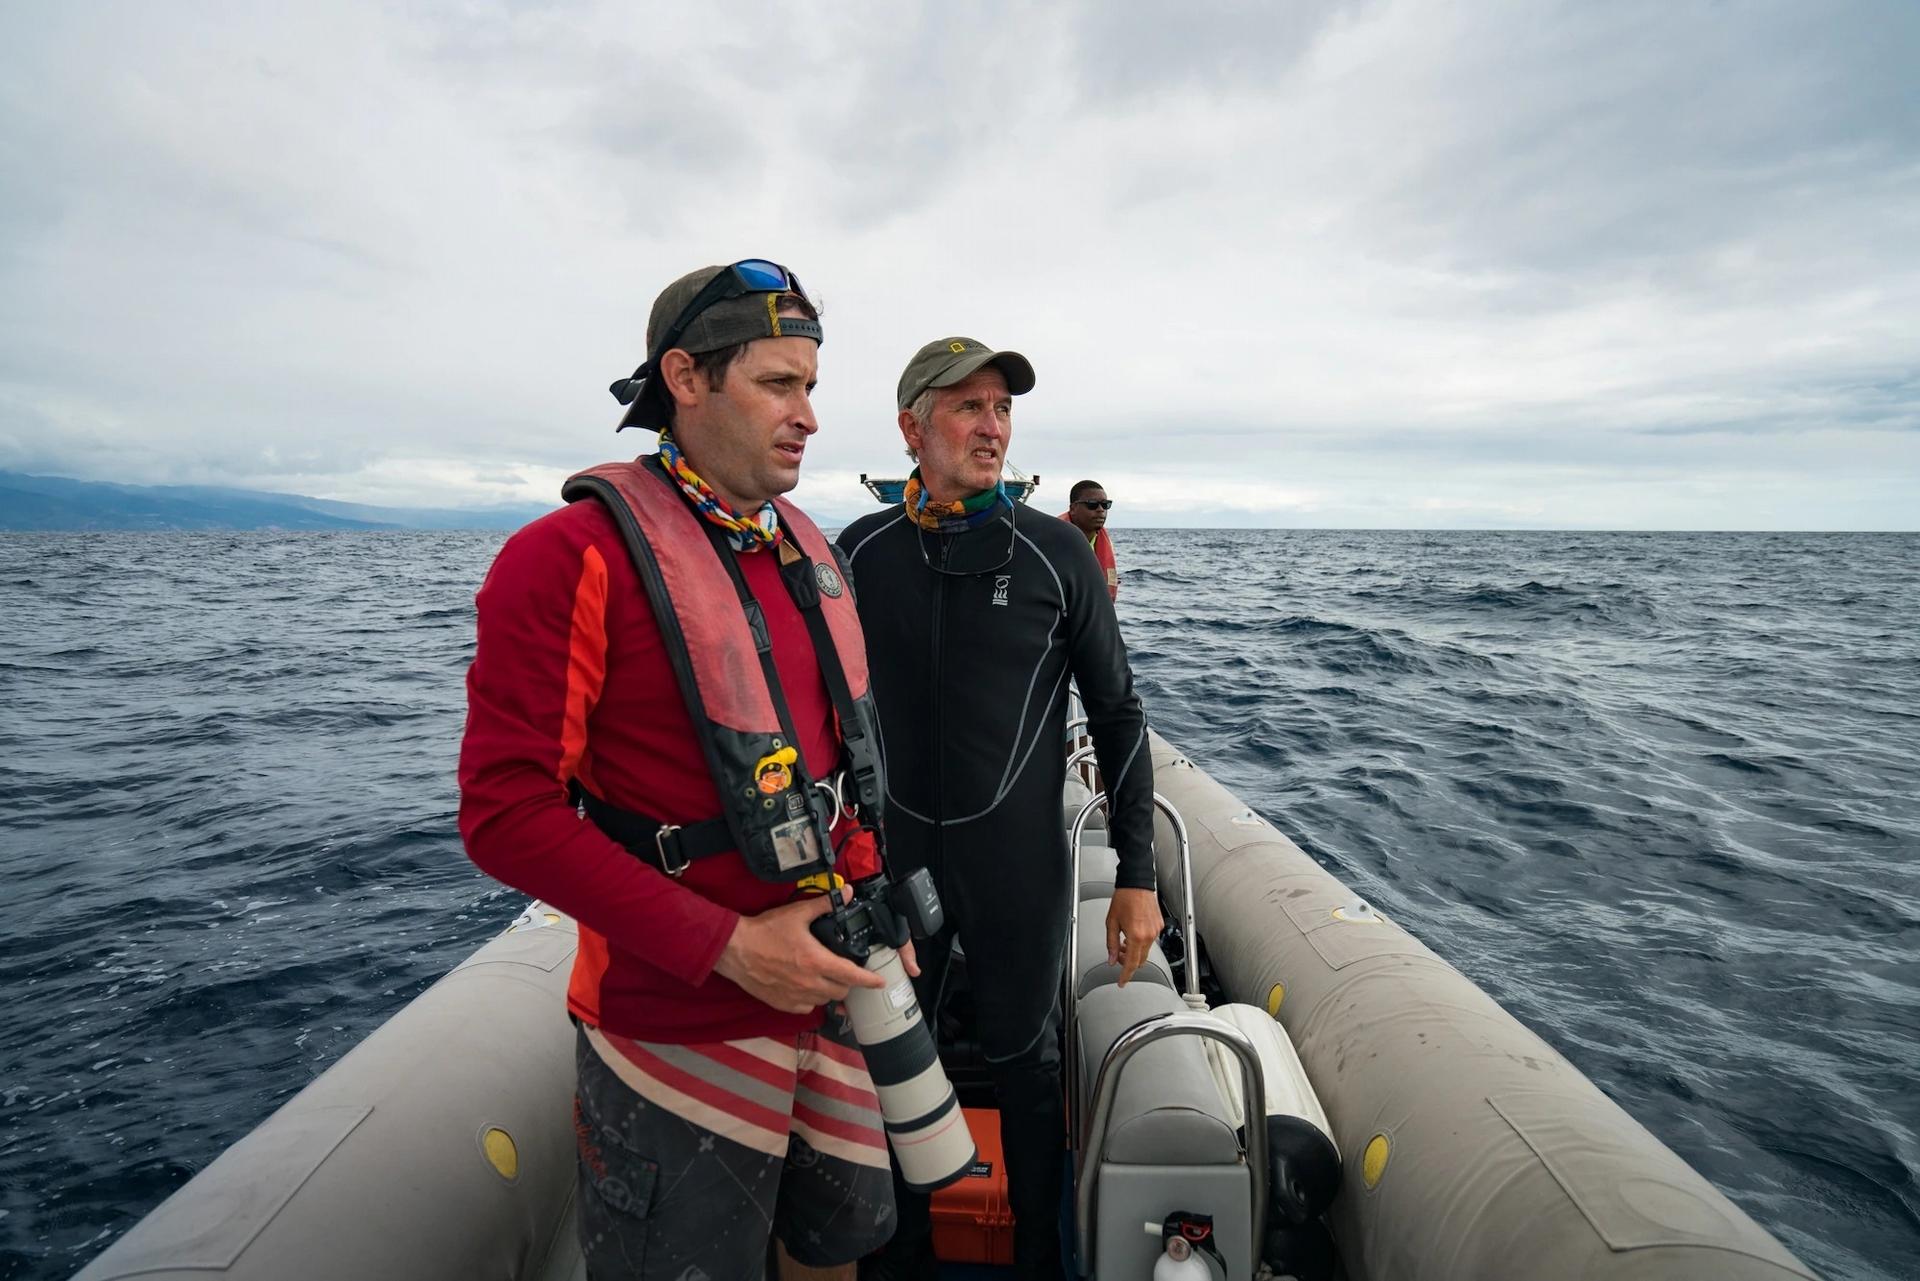 史蓋瑞與研究人員謝恩.葛洛(穿紅衣者)在多米尼克外海尋找抹香鯨。牠們通常每天都會現蹤,不過史蓋瑞拍攝時等了三週才見到一隻抹香鯨。拍攝大自然有可能是一種鍛鍊耐心的活動。PHOTOGRAPH BY STEVE DE NEEF